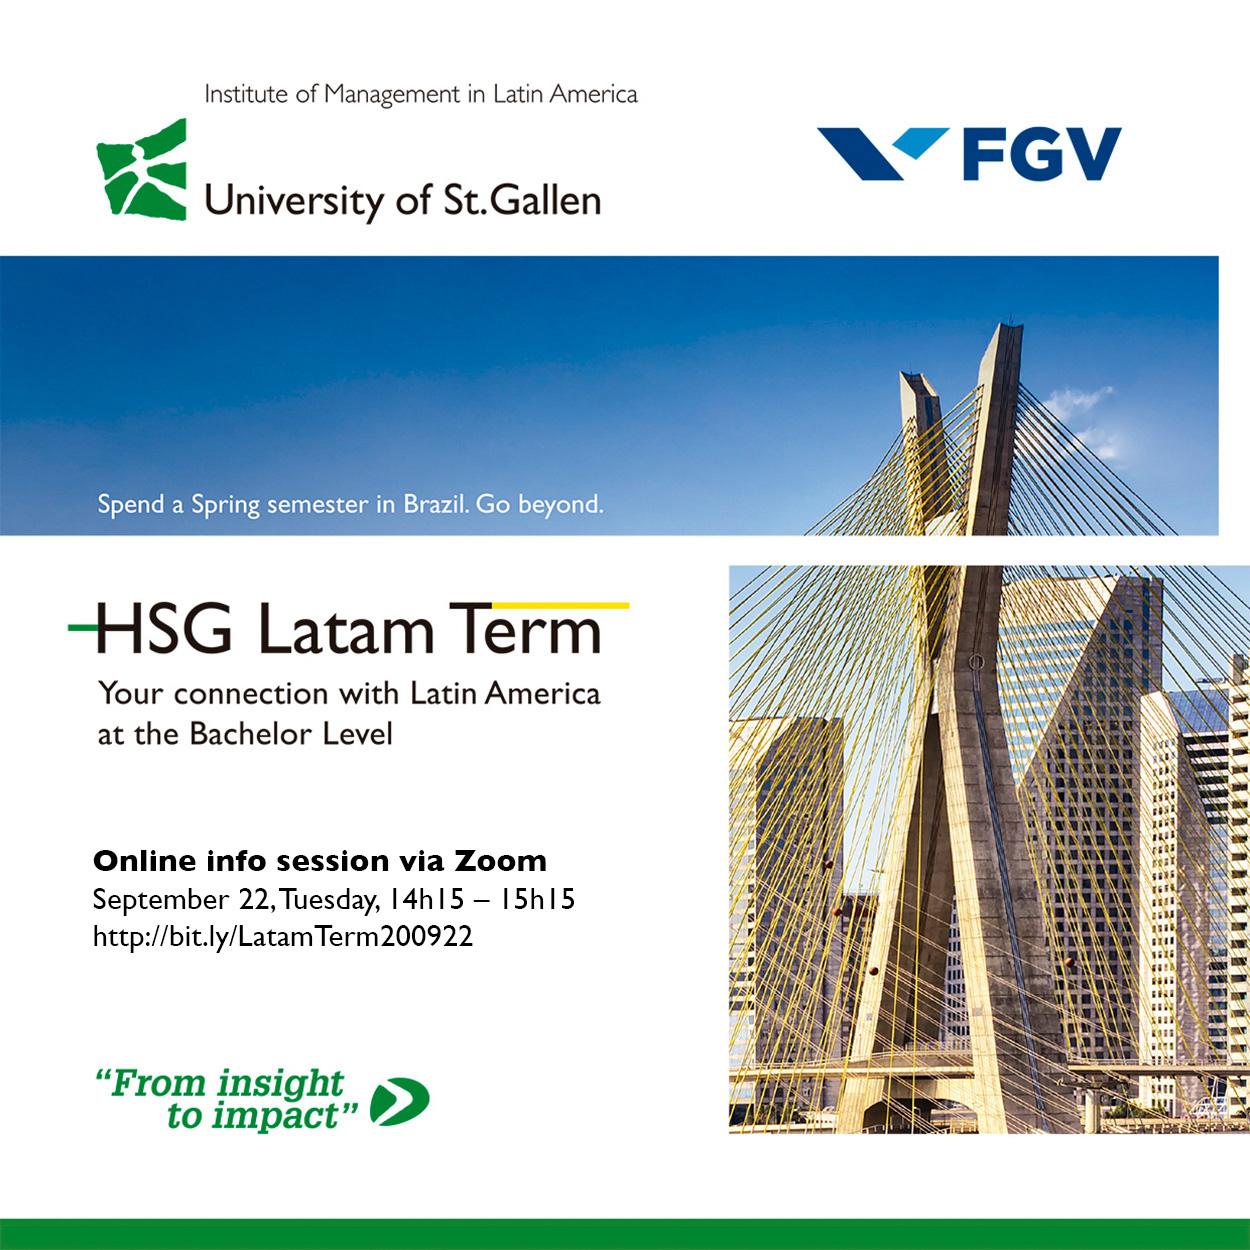 Latam Term info session September 20